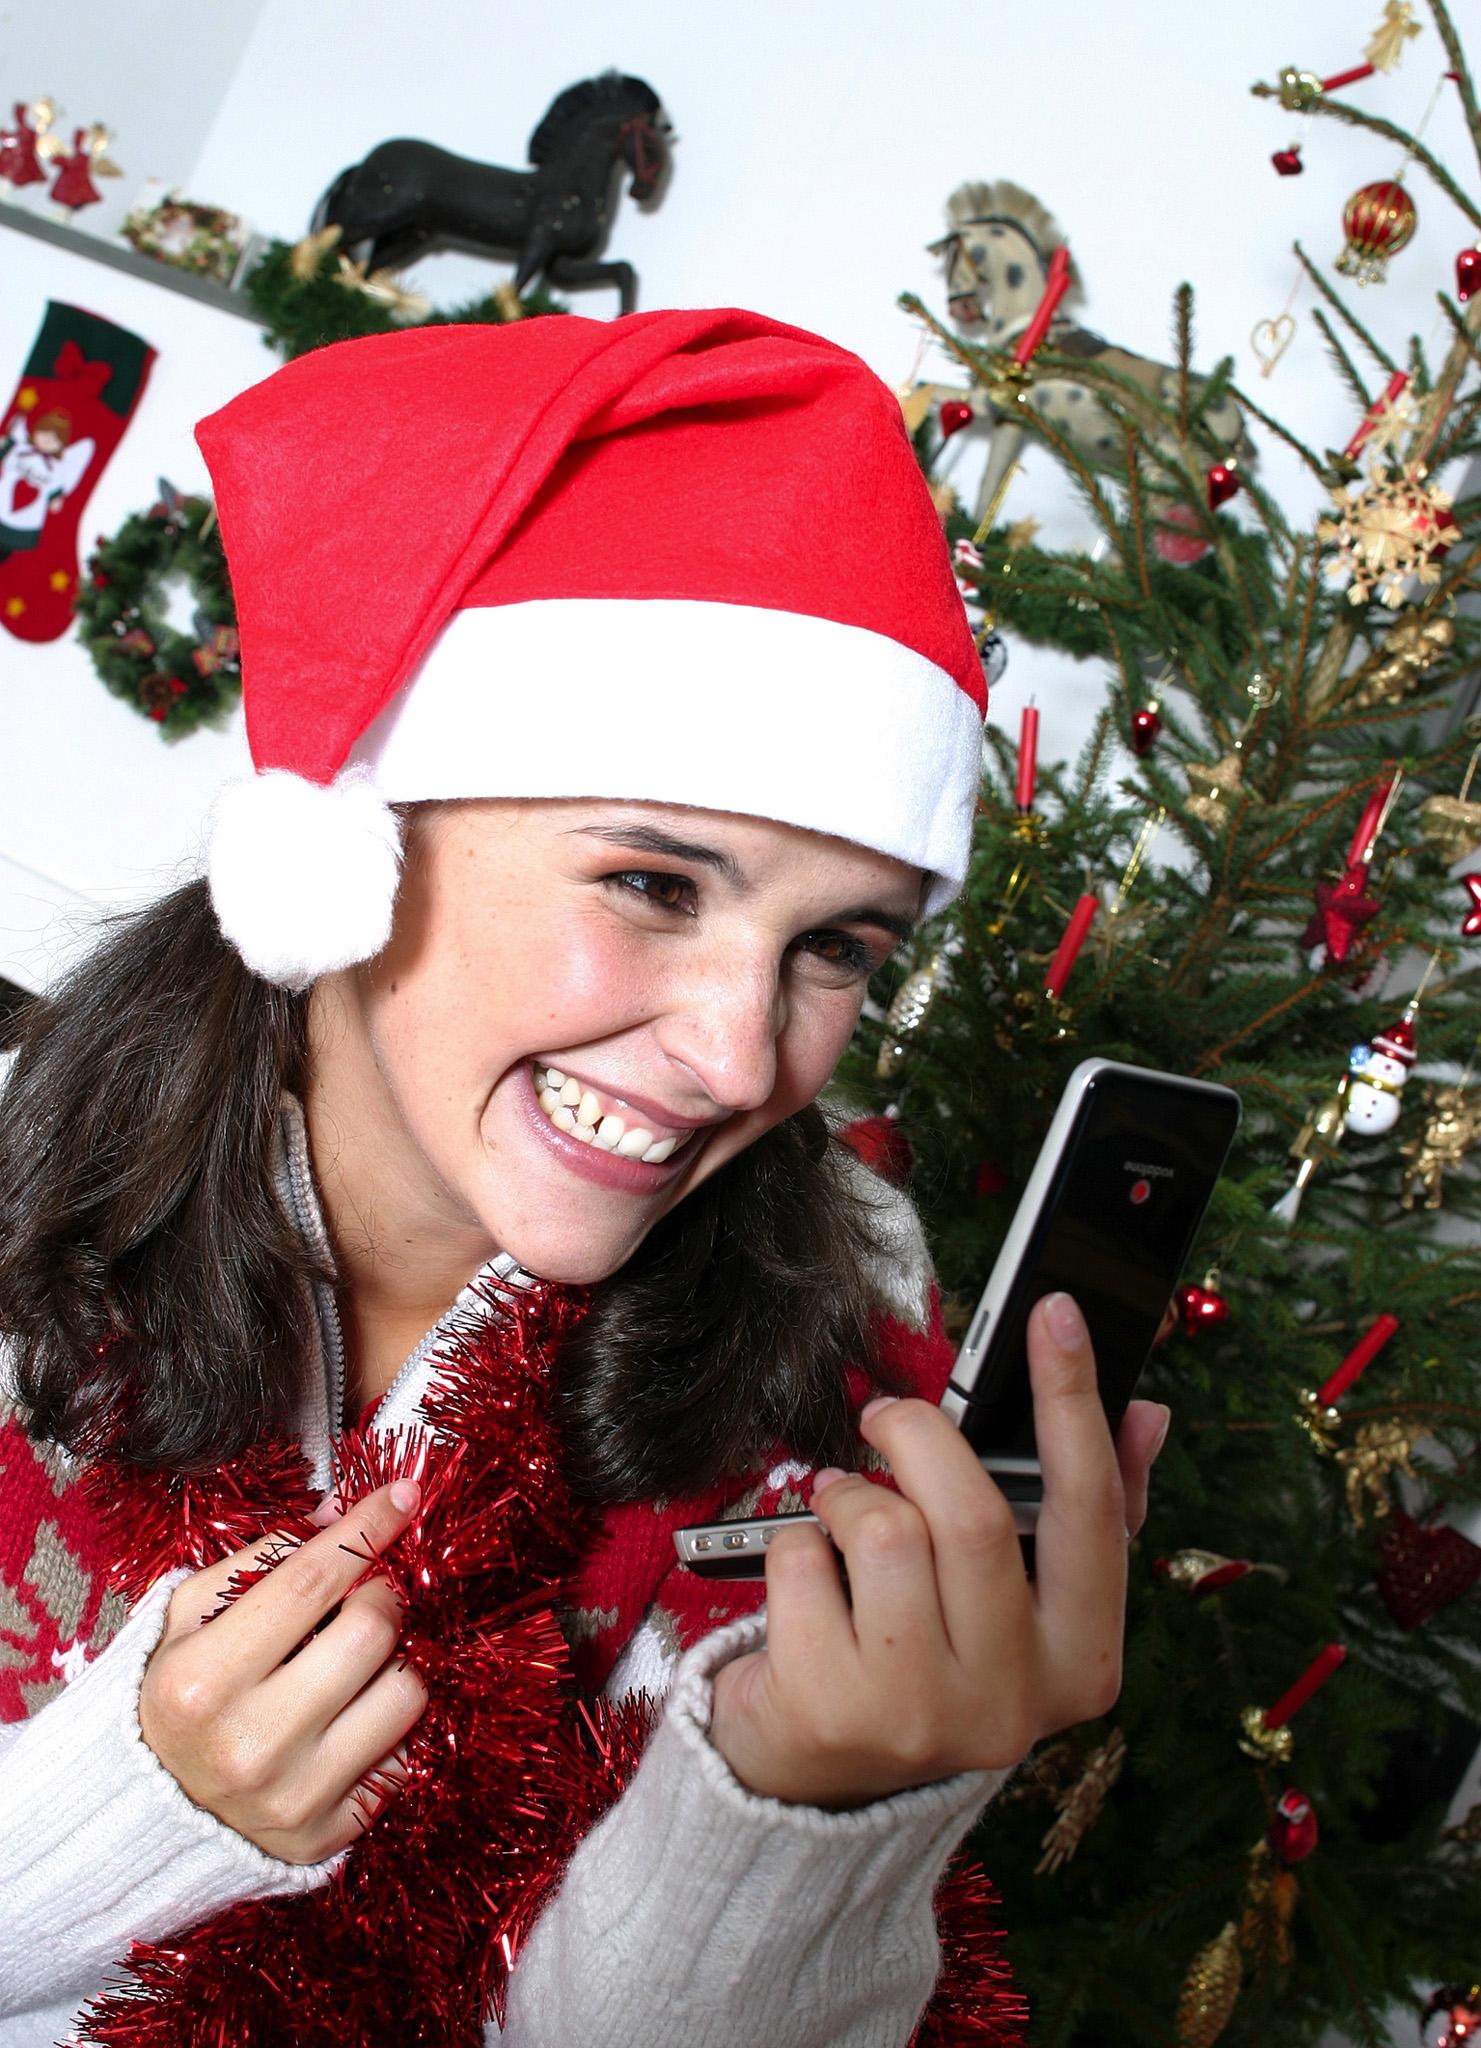 nikolaus geschenk von vodafone am 6 dezember unbegrenzt kostenlos sms und mms versenden. Black Bedroom Furniture Sets. Home Design Ideas